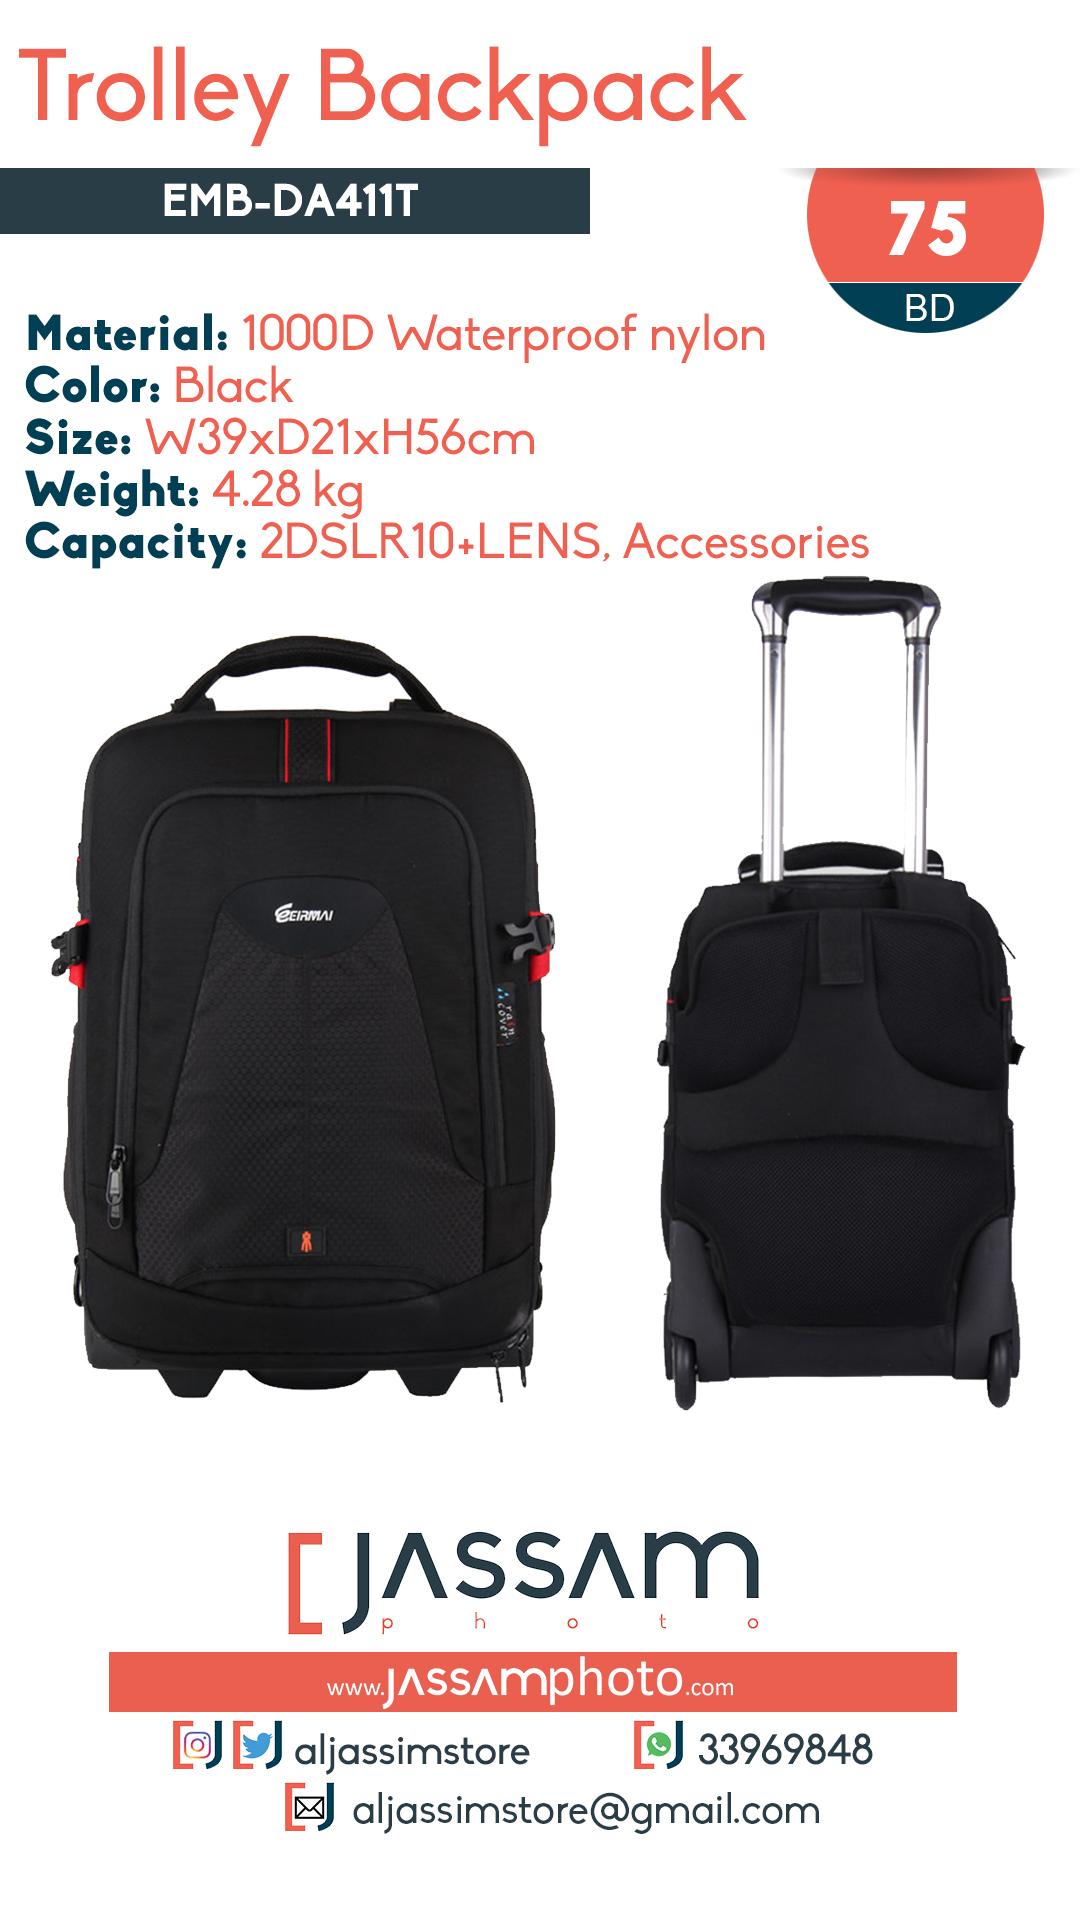 Trolley Backpack EMB-DA411T